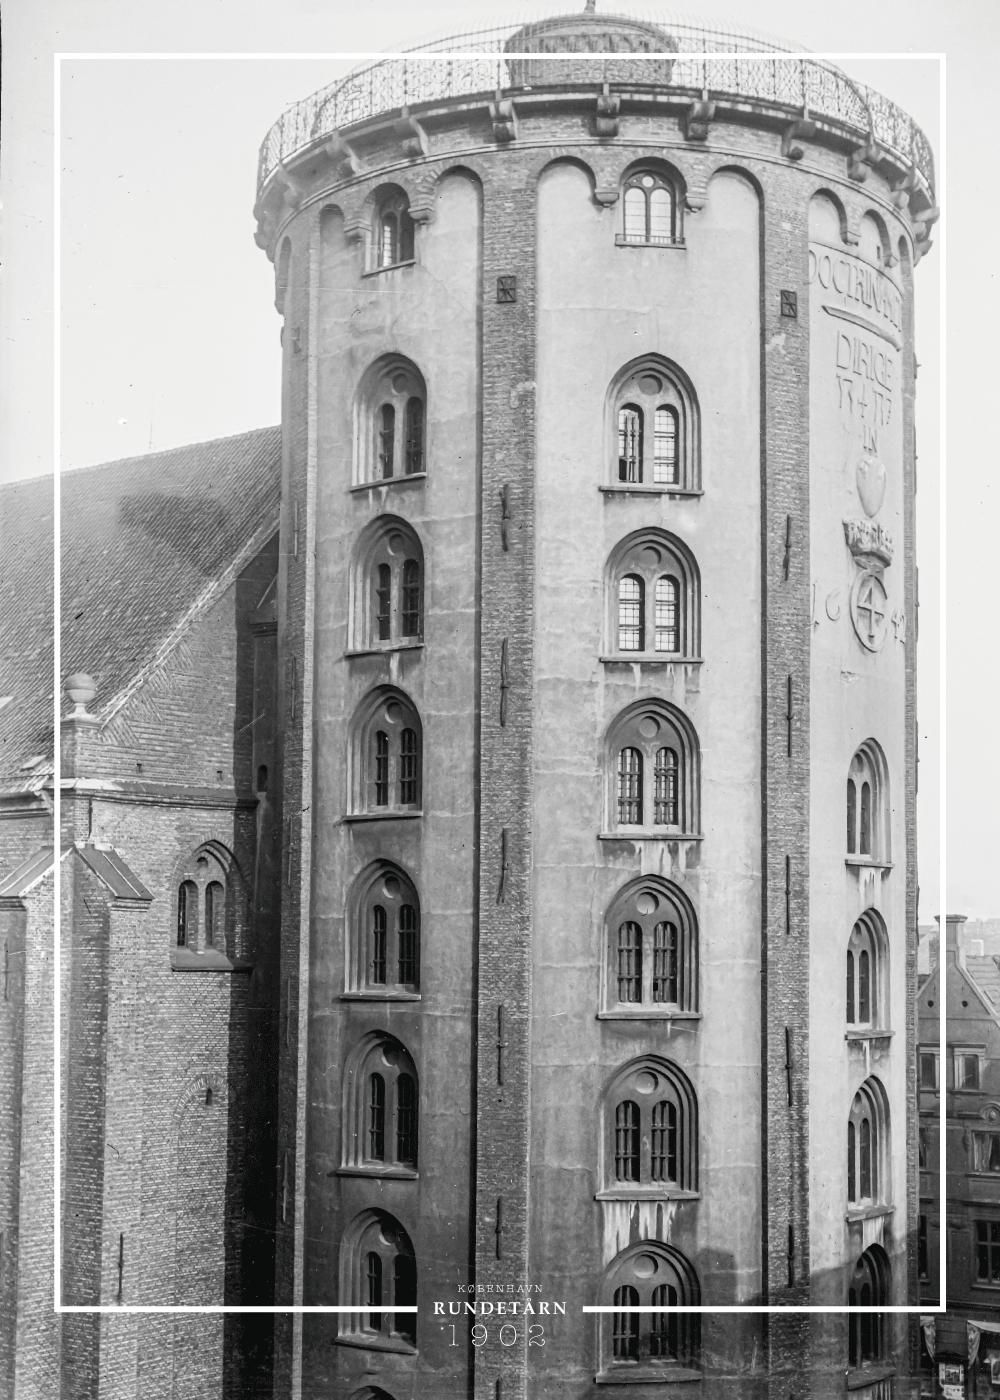 Billede af Rundetårn - Gamle billeder af København plakat